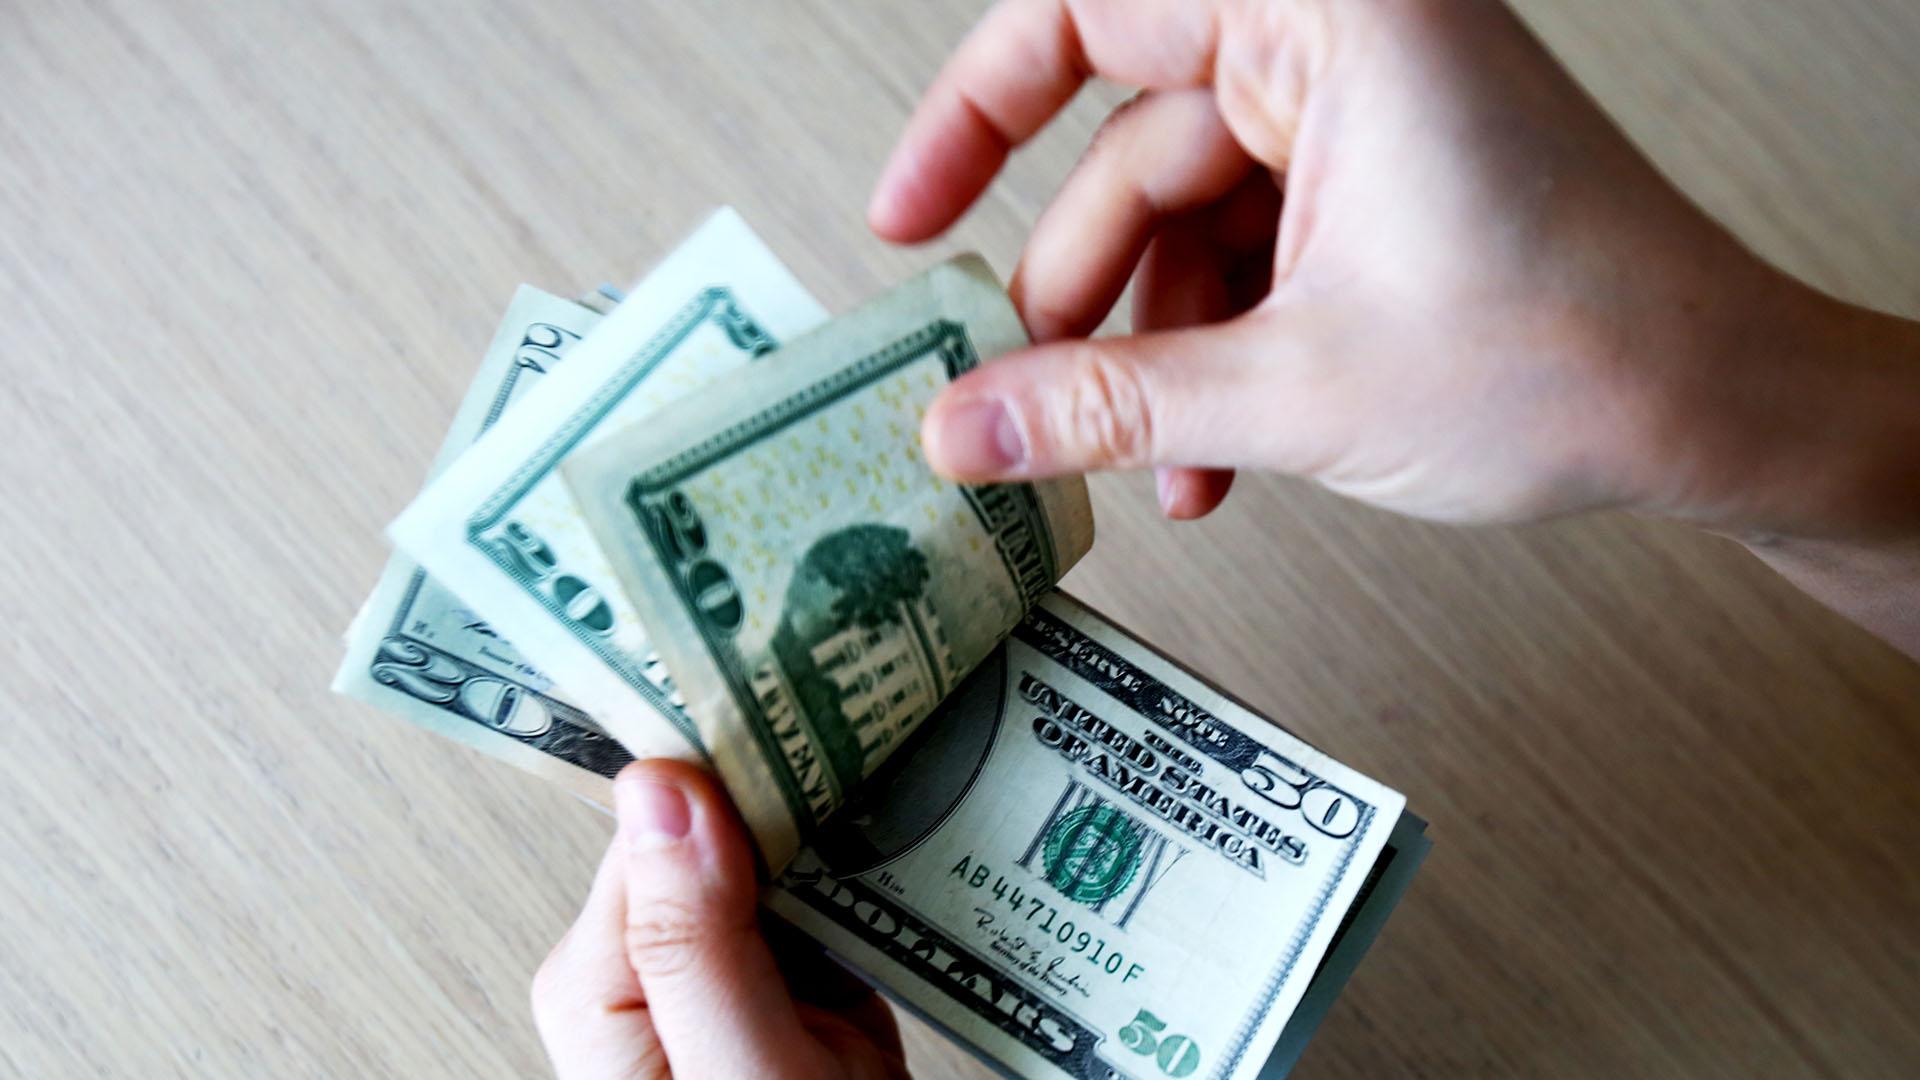 El dólar no detiene su caída y se ubica en mínimos desde principios de noviembre